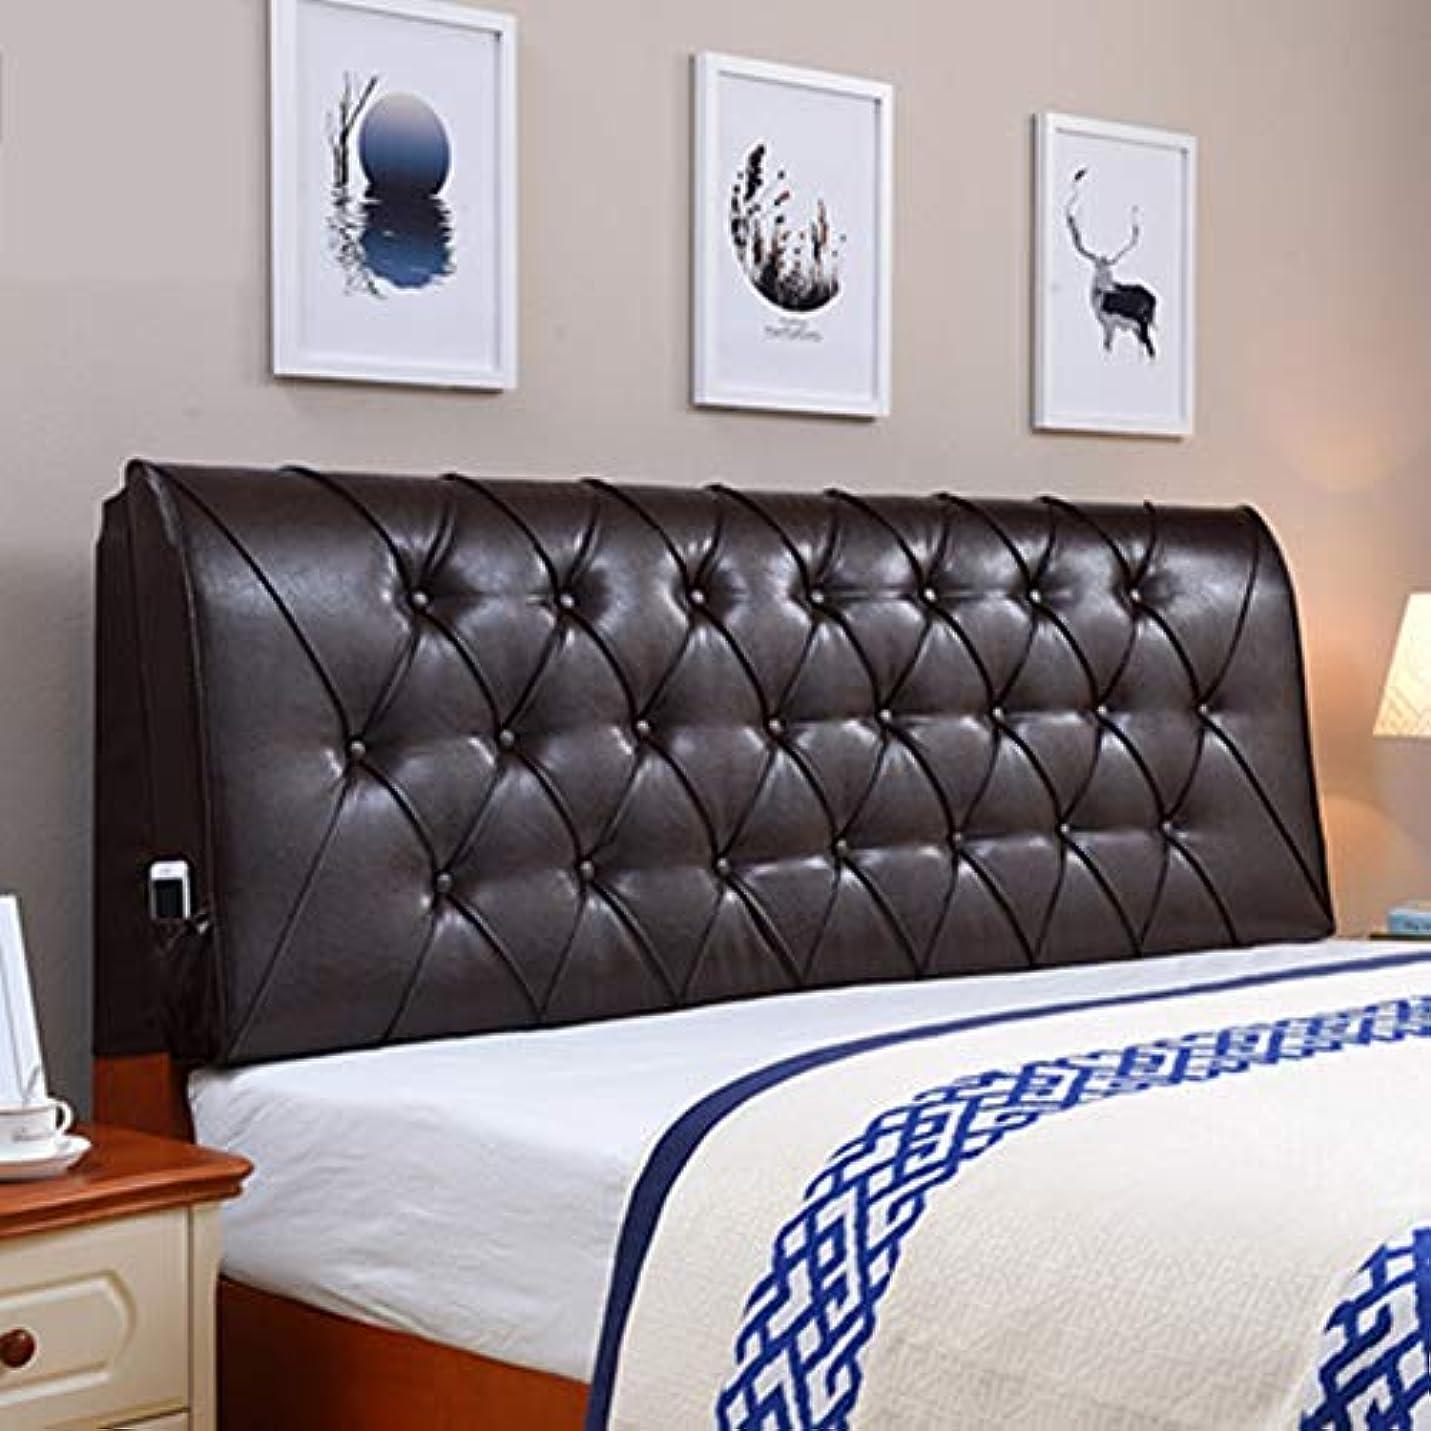 なめらかな並外れて覚えているクッション、ソフトヘッドボードクッション背もたれポジショニングサポート読書枕ソファベッドの枕充填枕字型マットレス,185*60cm